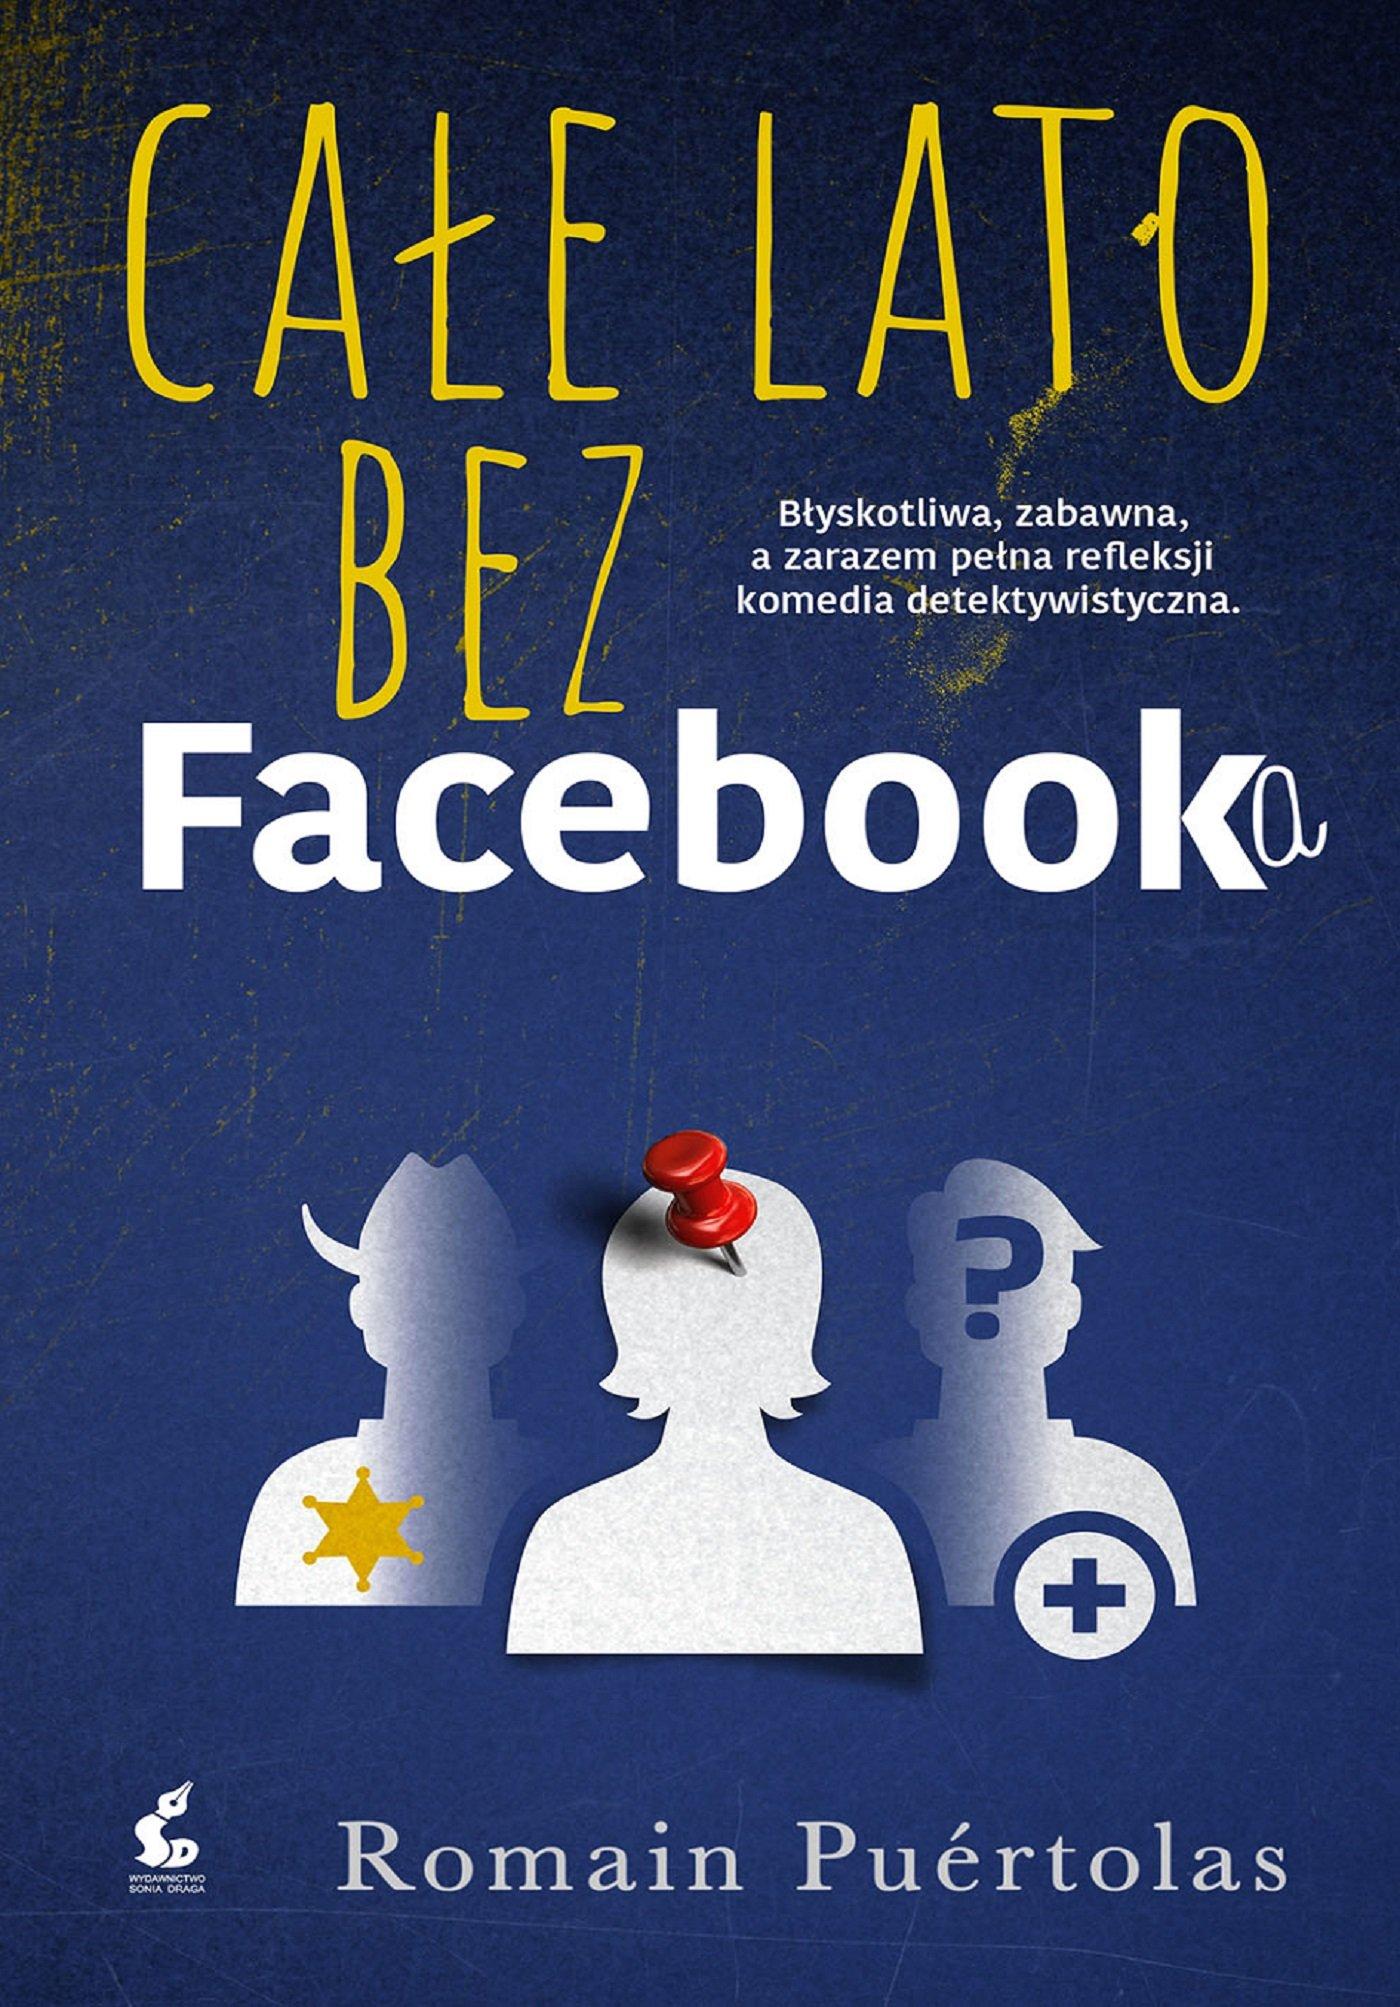 Całe lato bez Facebooka - Ebook (Książka EPUB) do pobrania w formacie EPUB